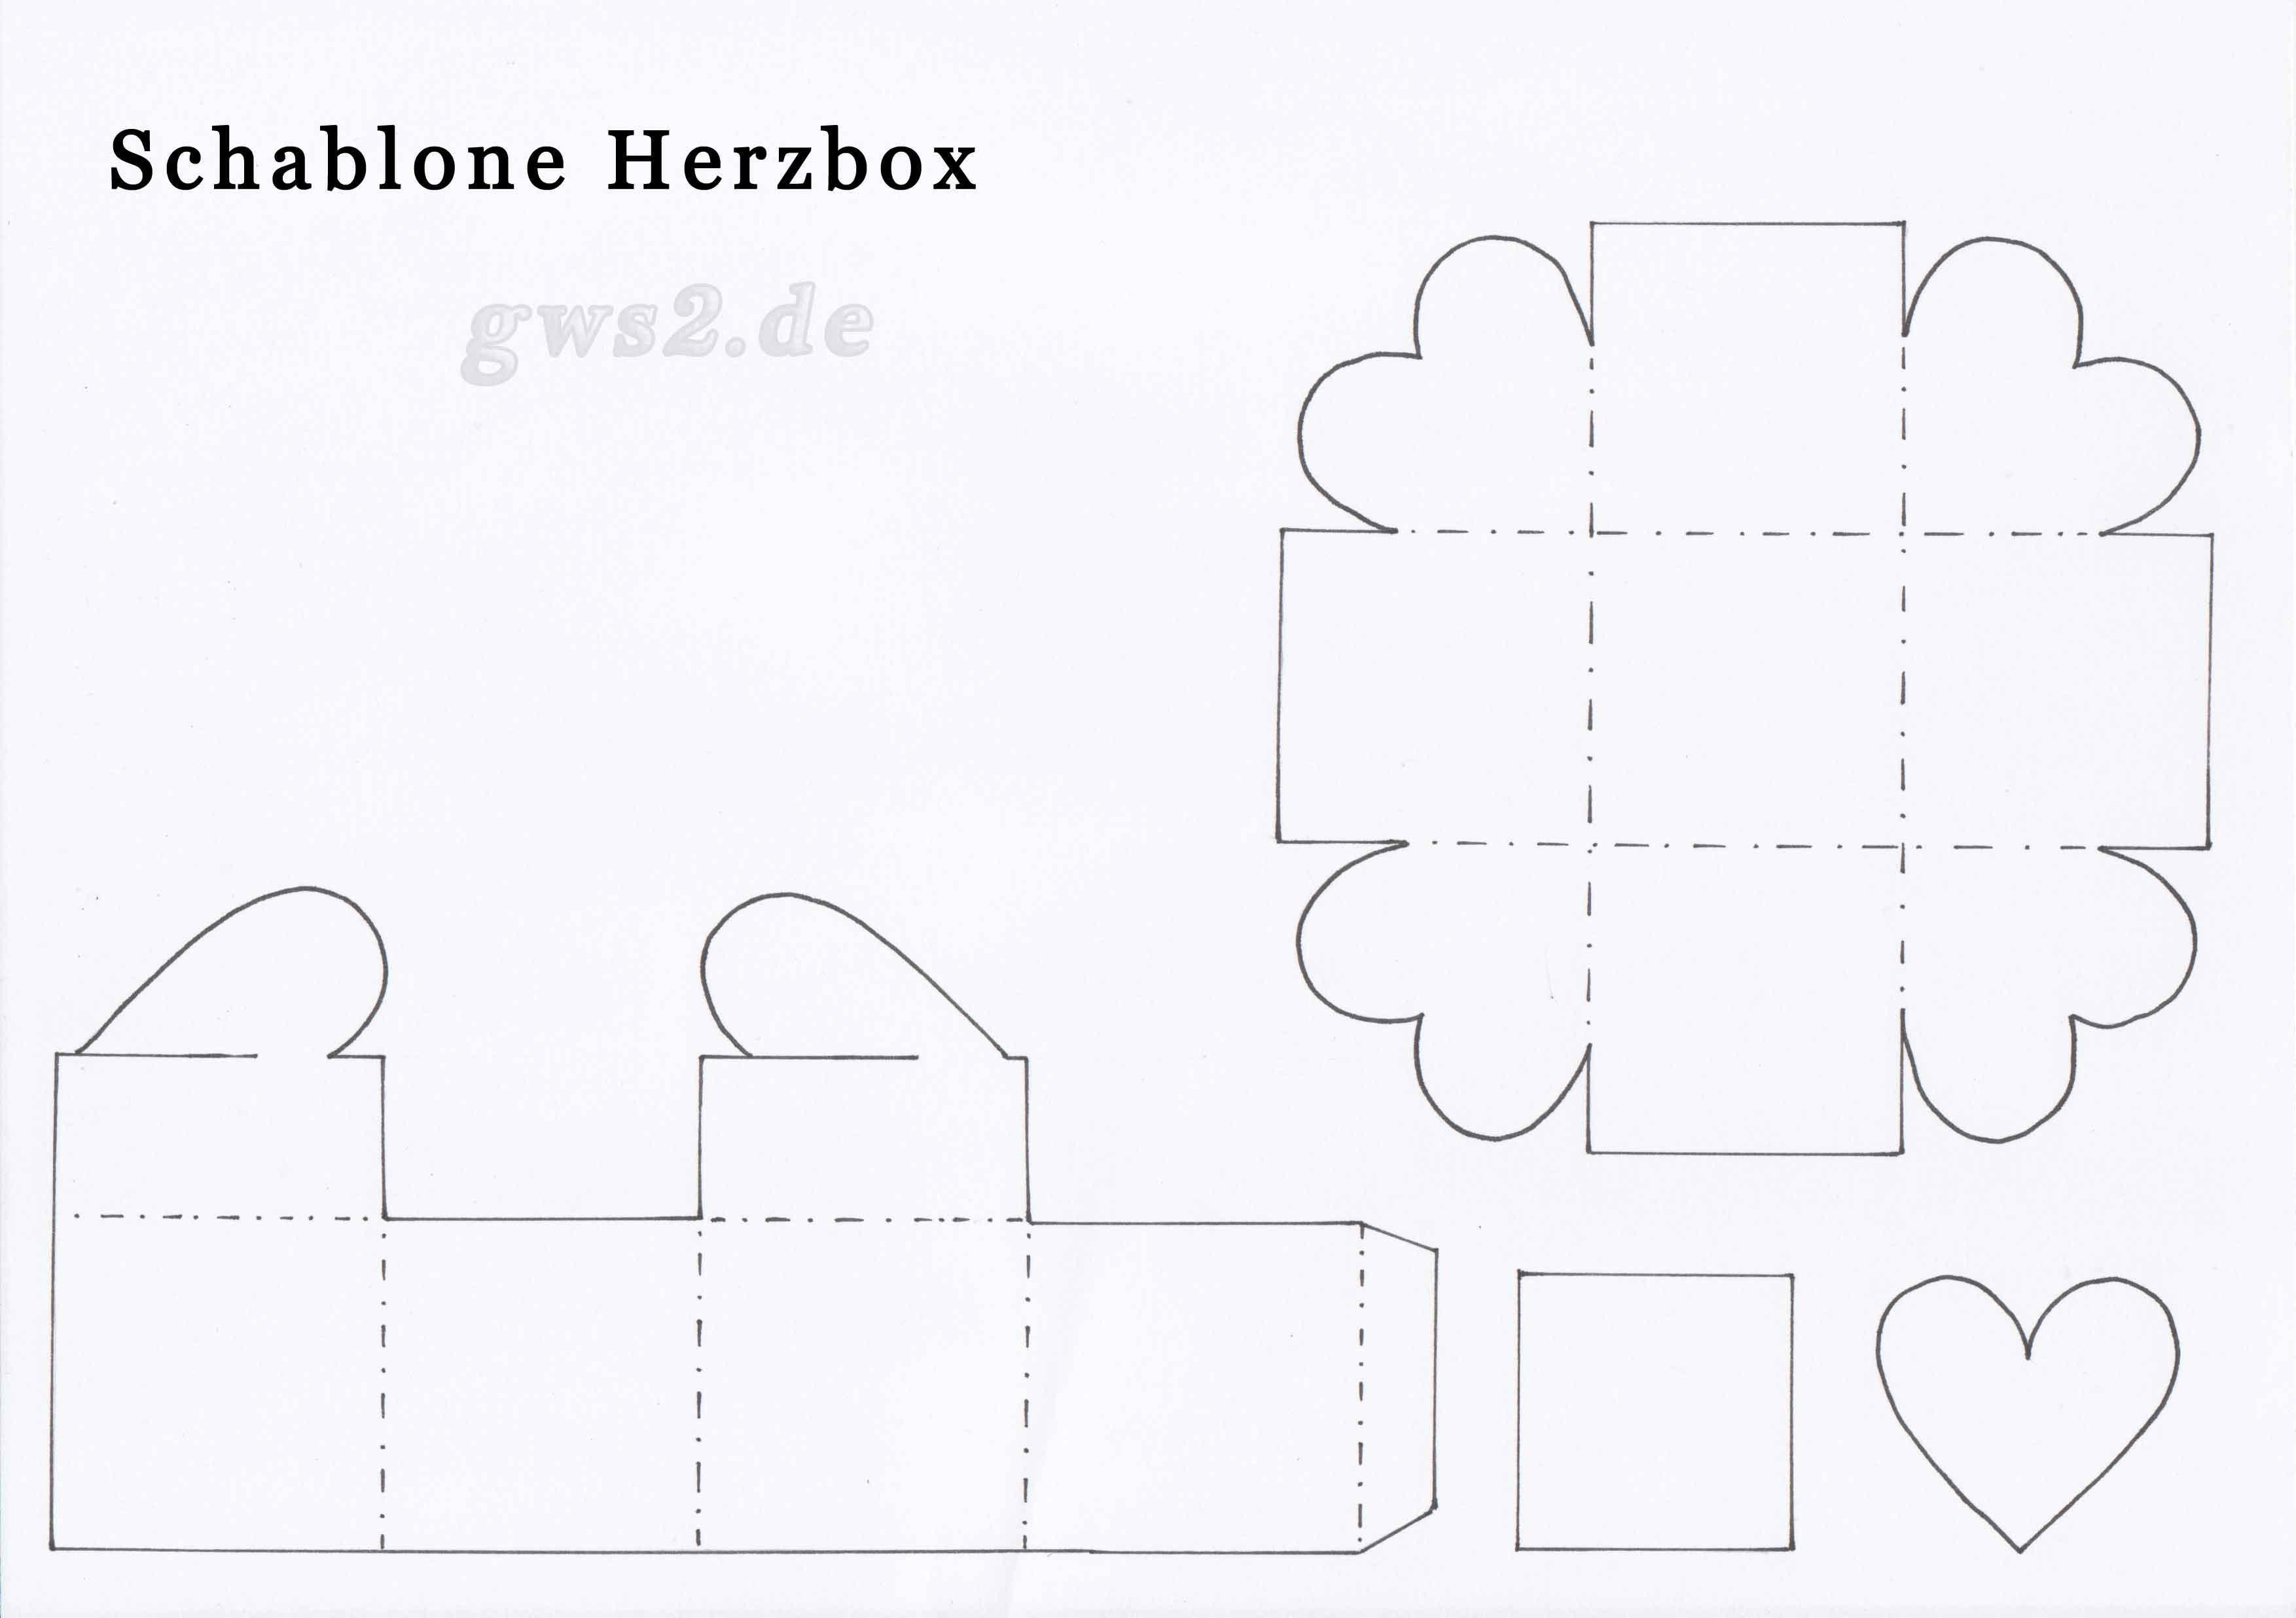 schmuckschachtel mit herz f r den valentinstag bastelanleitung. Black Bedroom Furniture Sets. Home Design Ideas